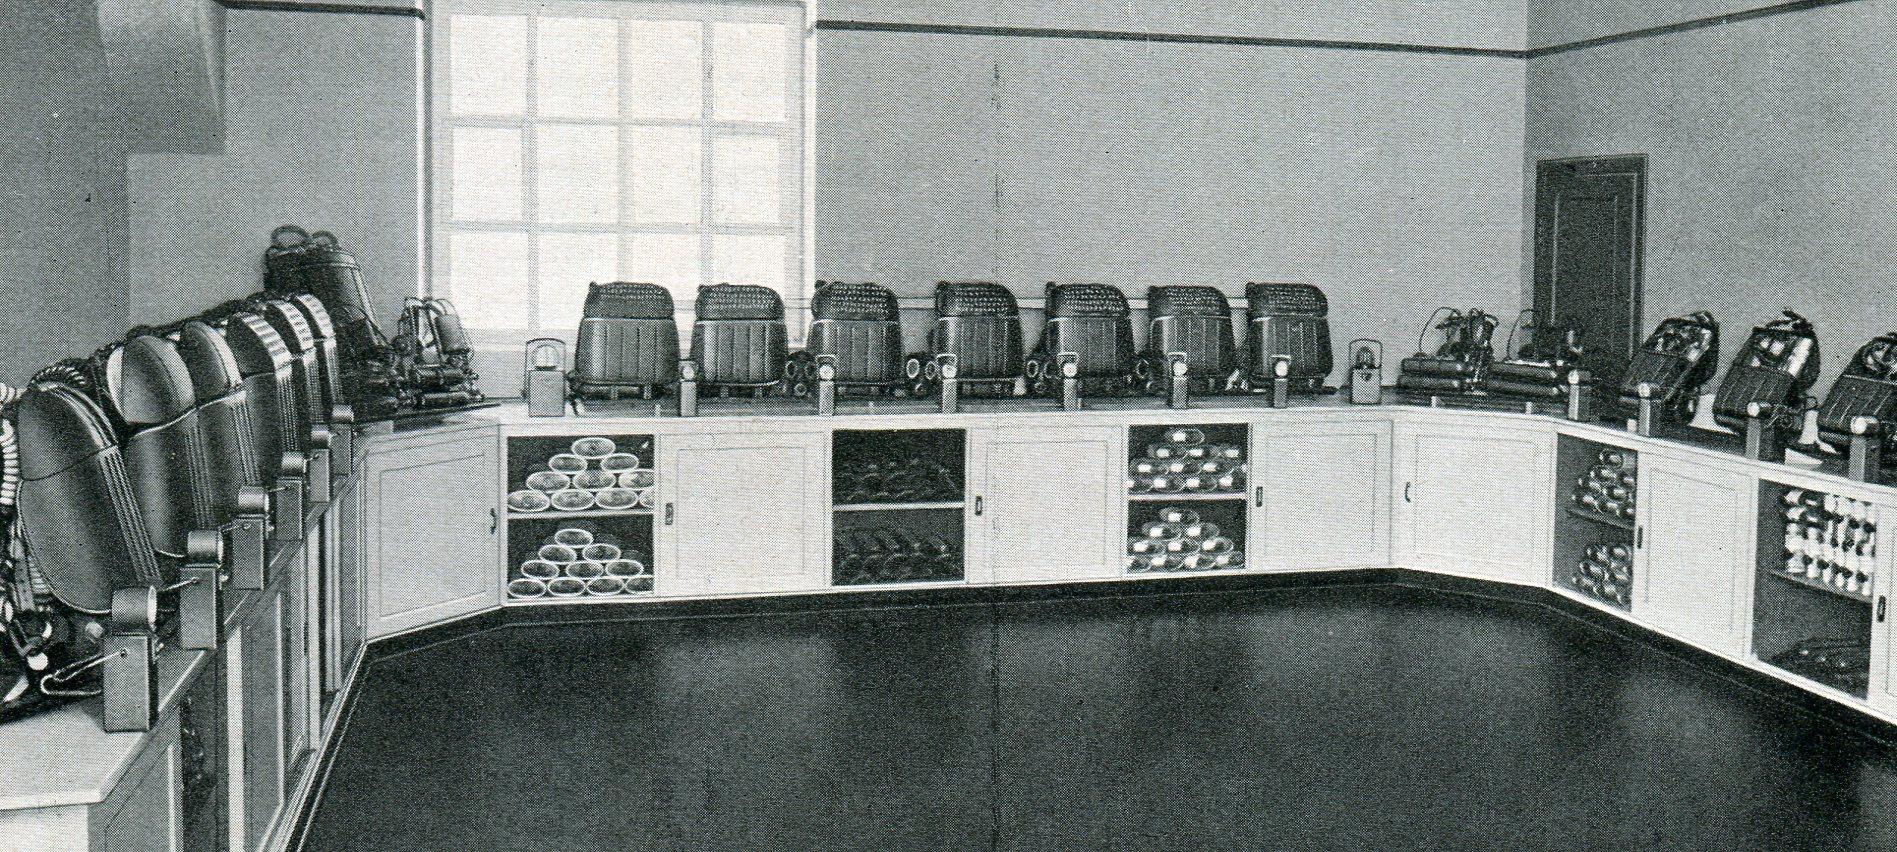 Gerätelager Unfallhilfestelle der Deutschen Knappschafts-Berufsgenossenschaft in Zwickau  1927